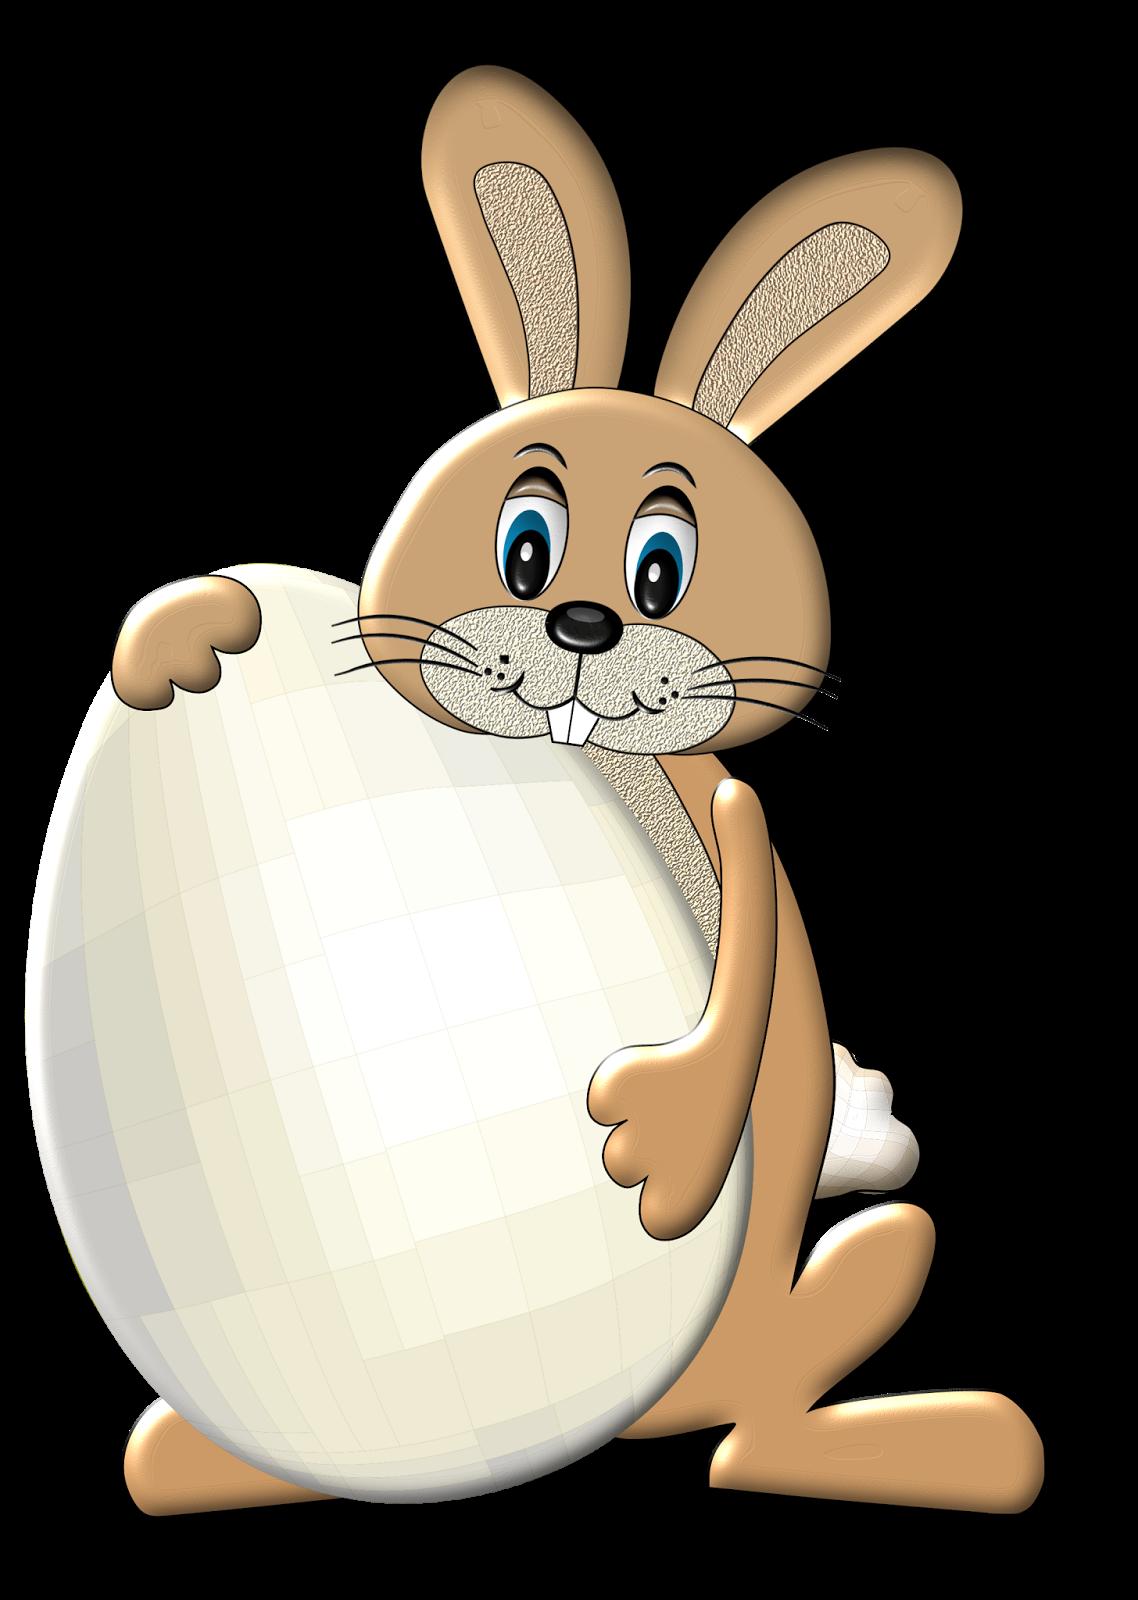 Colecci n de gifs im genes de conejos de pascua for El conejo de pascua